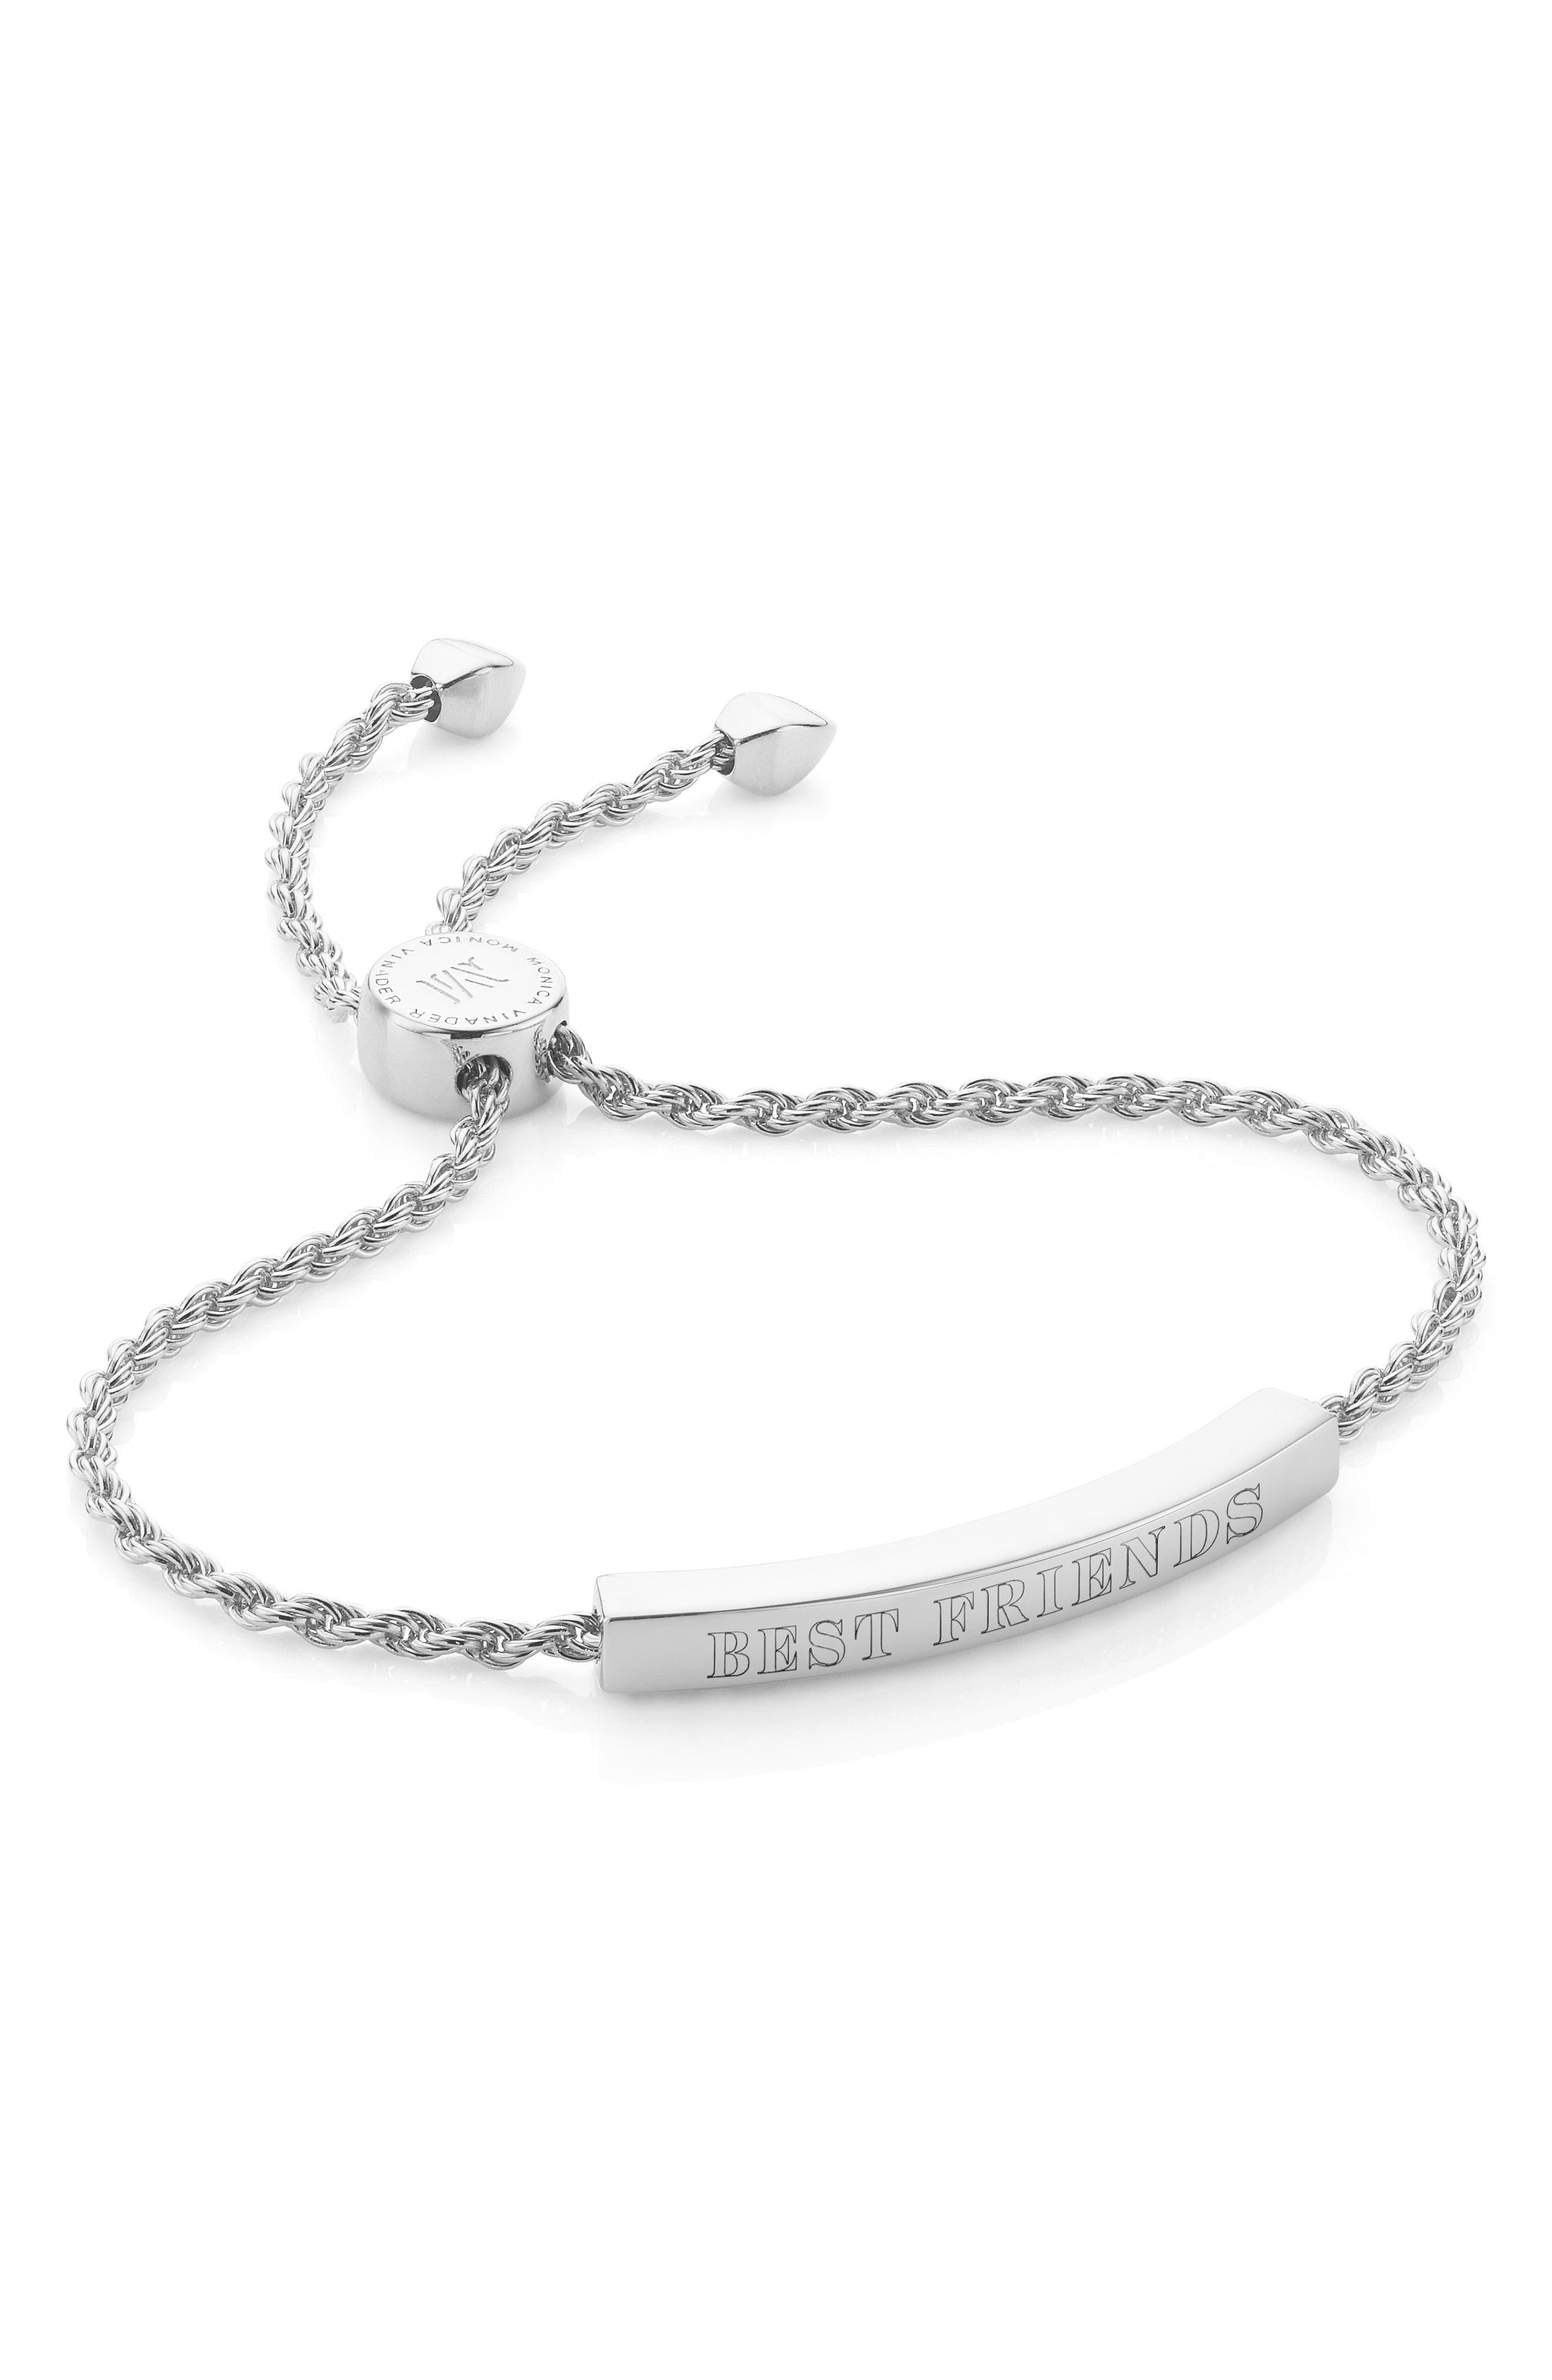 Engravable Linear Friendship Chain Bracelet,                             Alternate thumbnail 2, color,                             SILVER